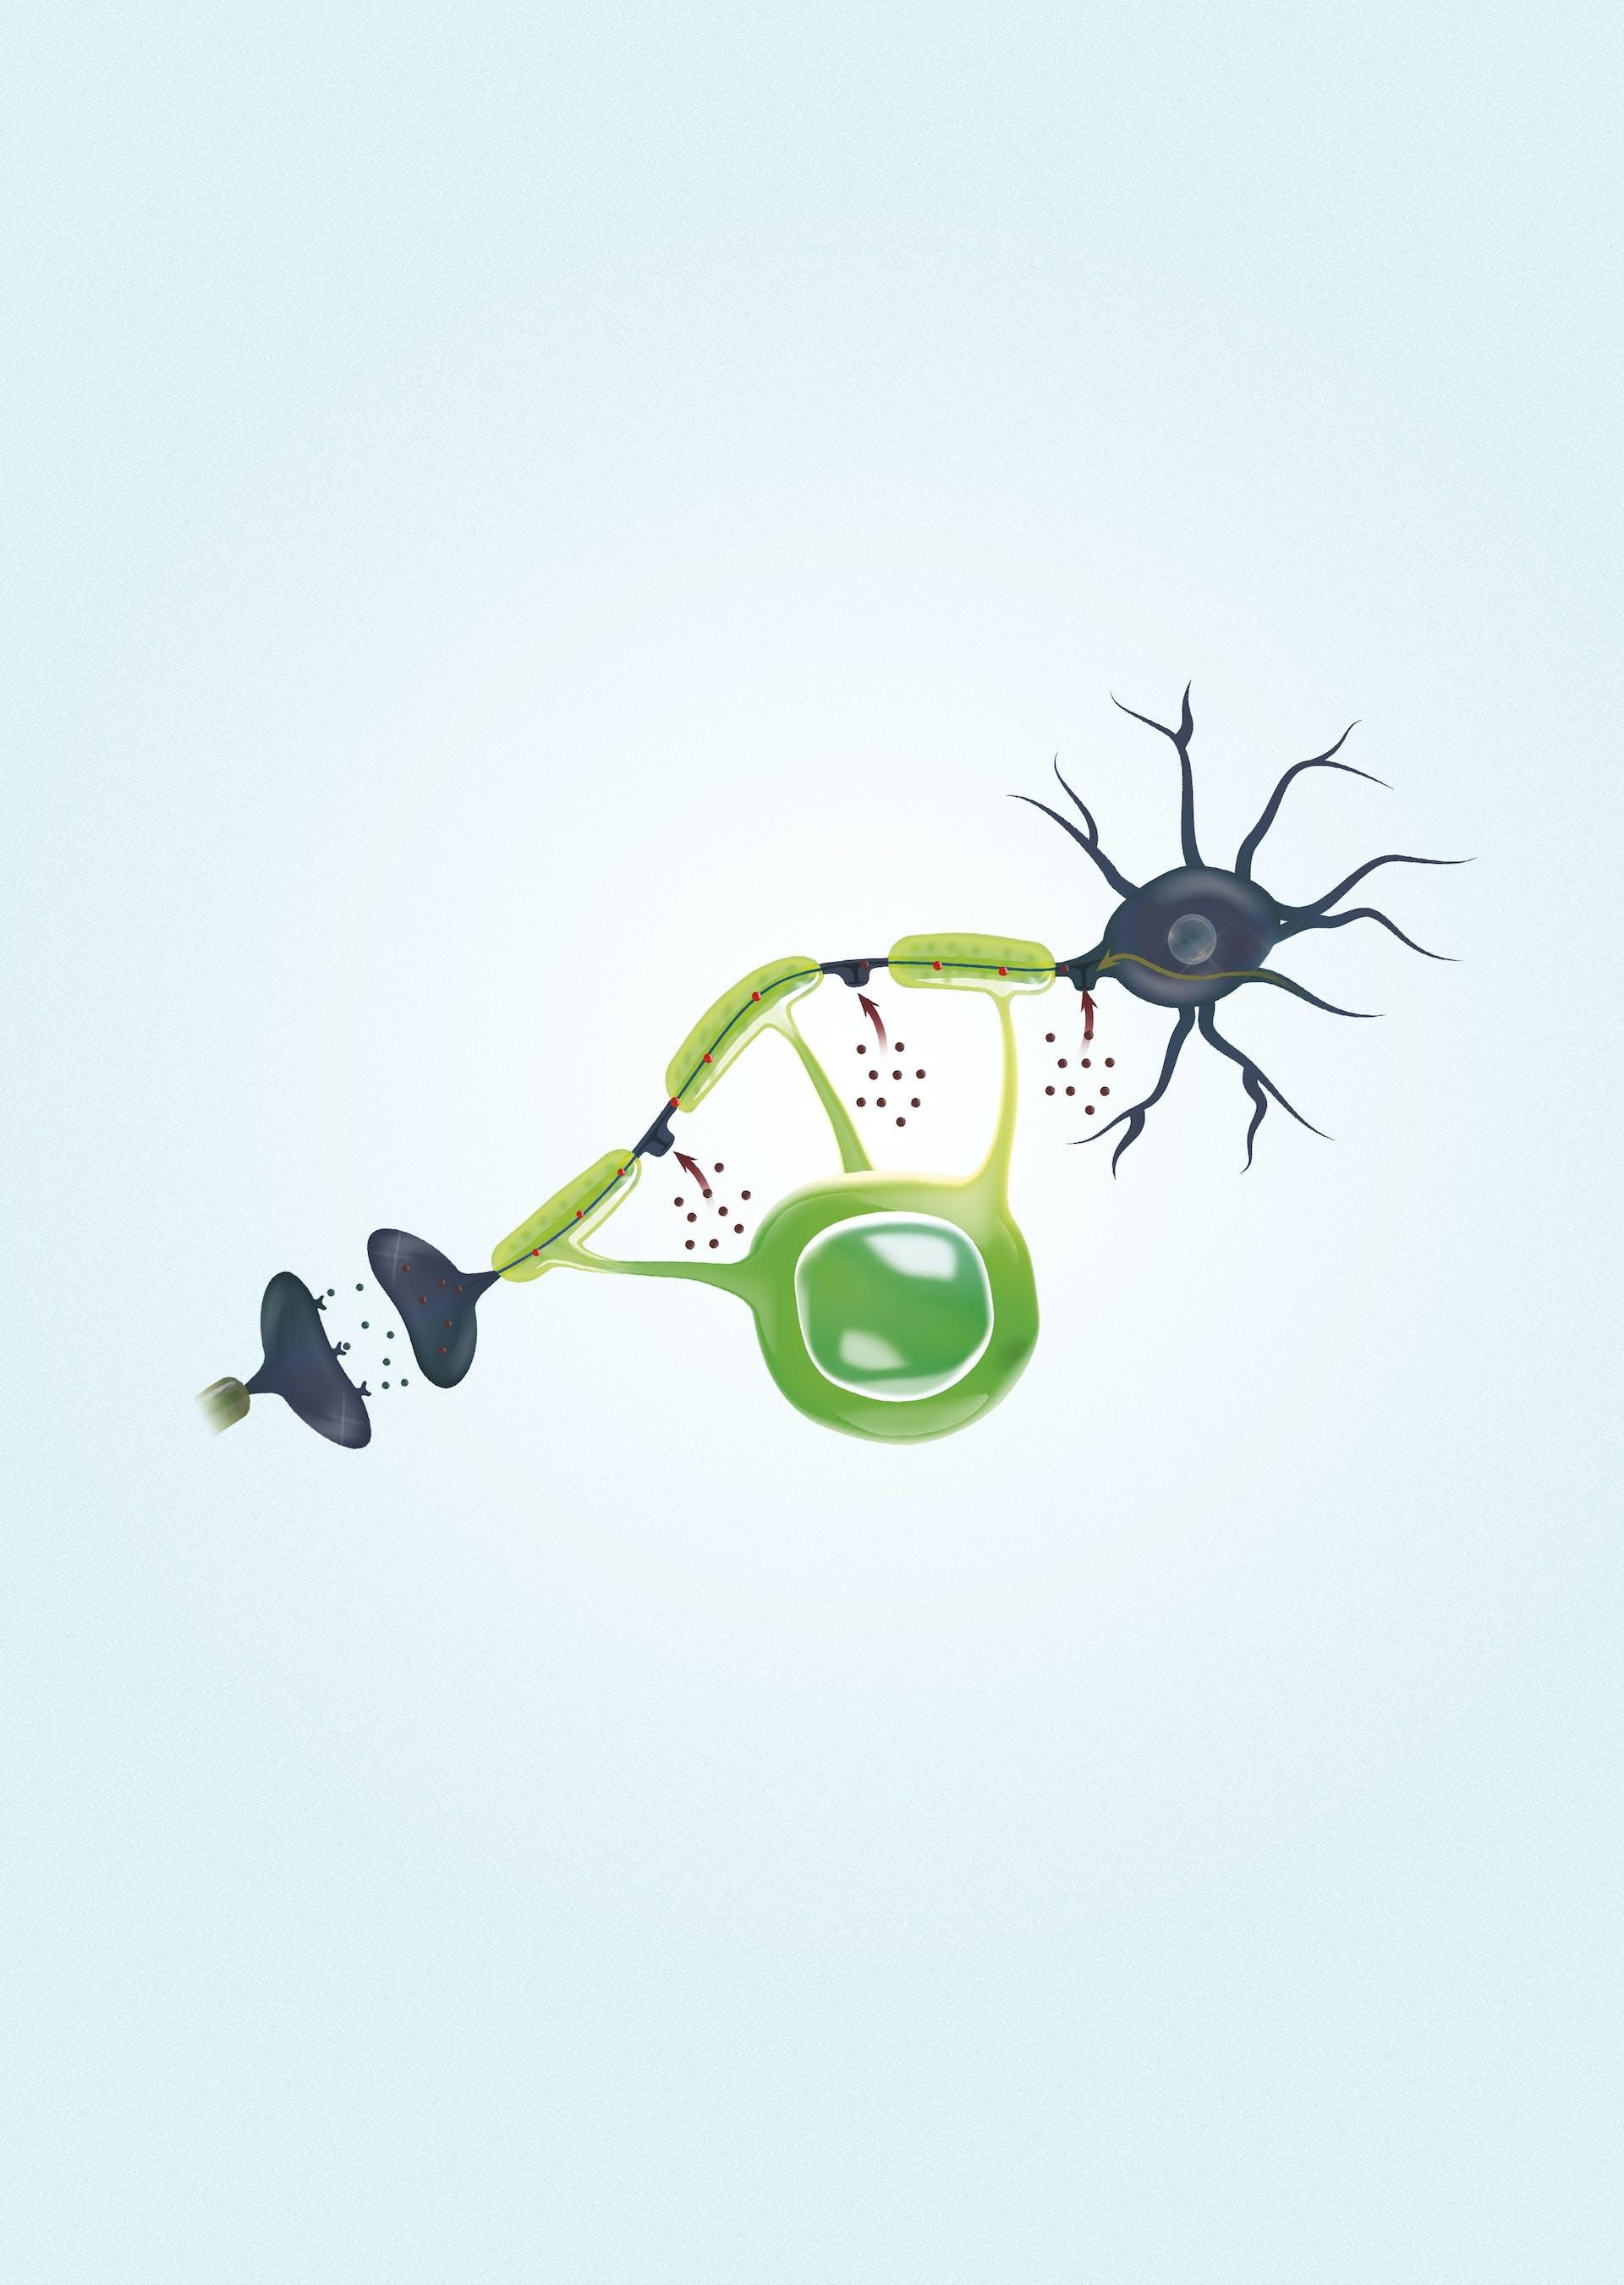 Stamceller redder hjernen fra sklerose | illvit no